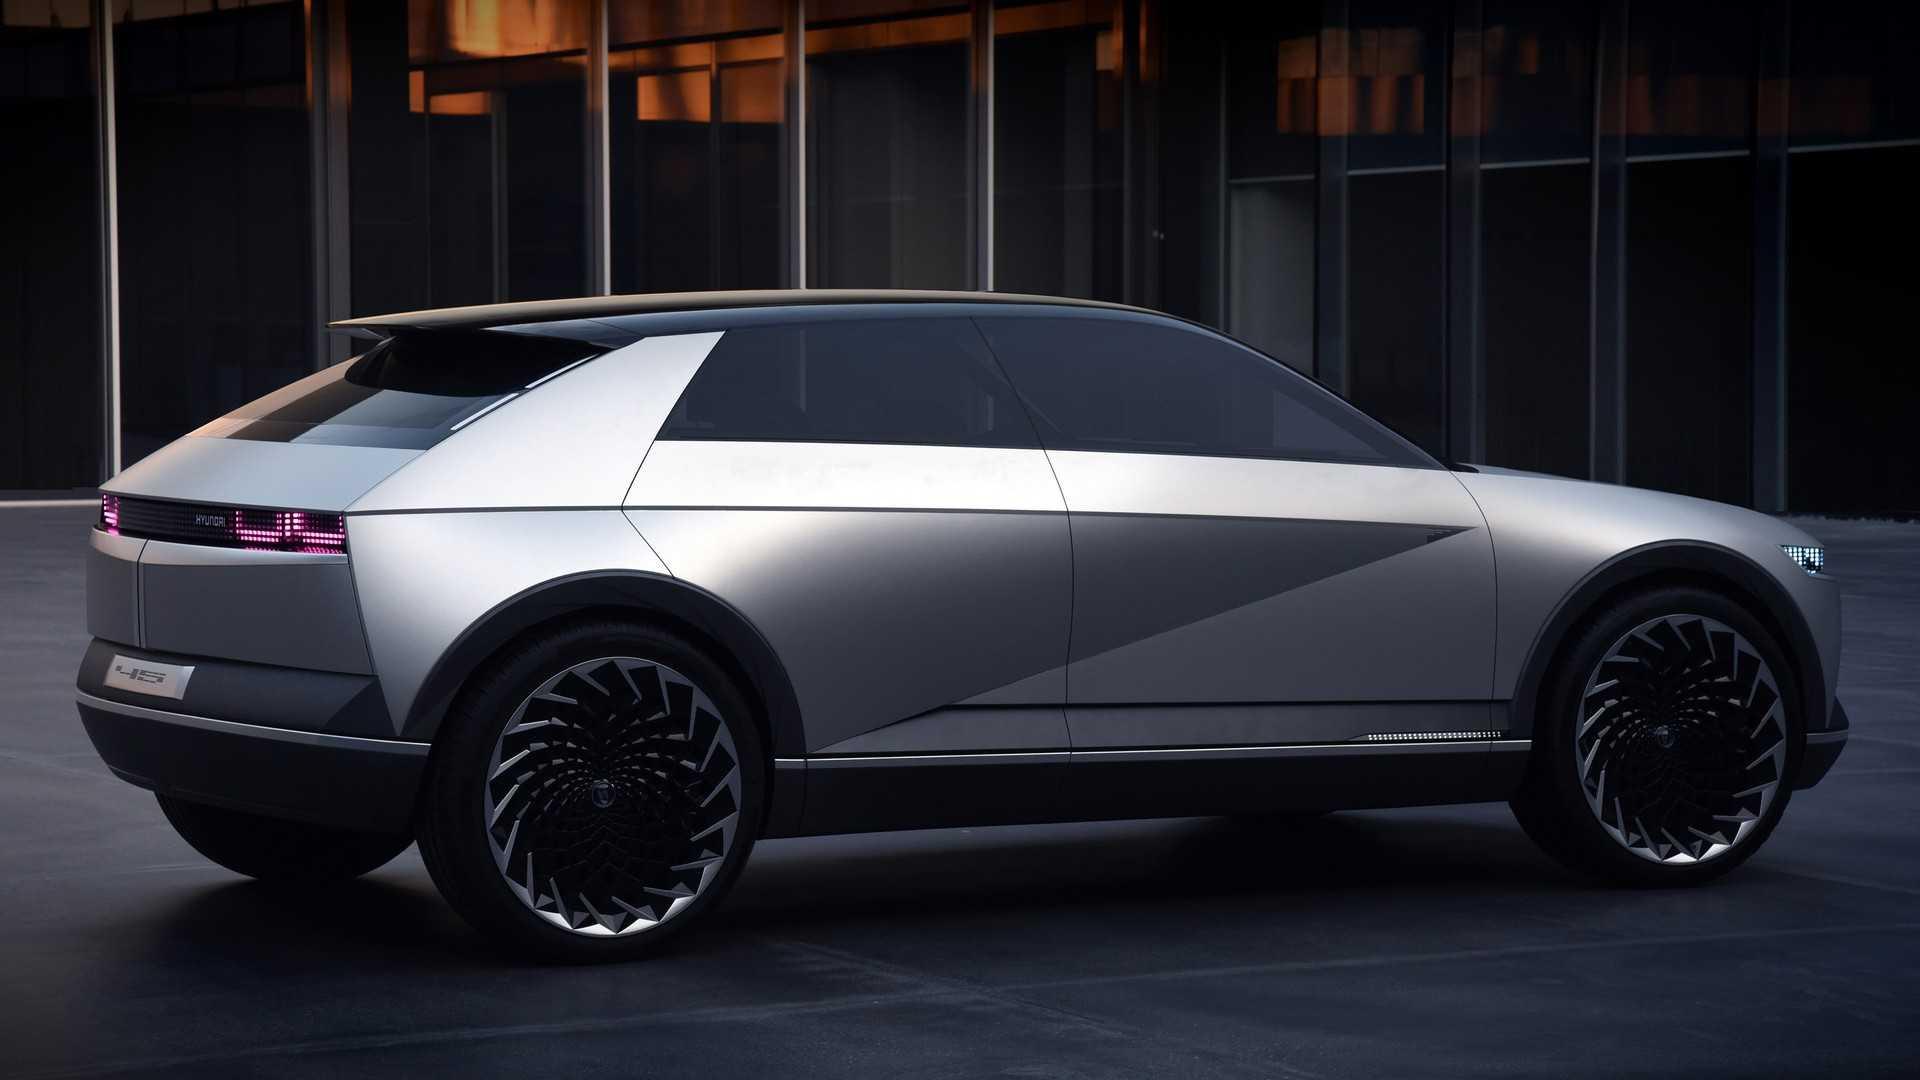 Xe ô tô điện nay mai của Hyundai sẽ hấp dẫn như thế này! - Hình 5